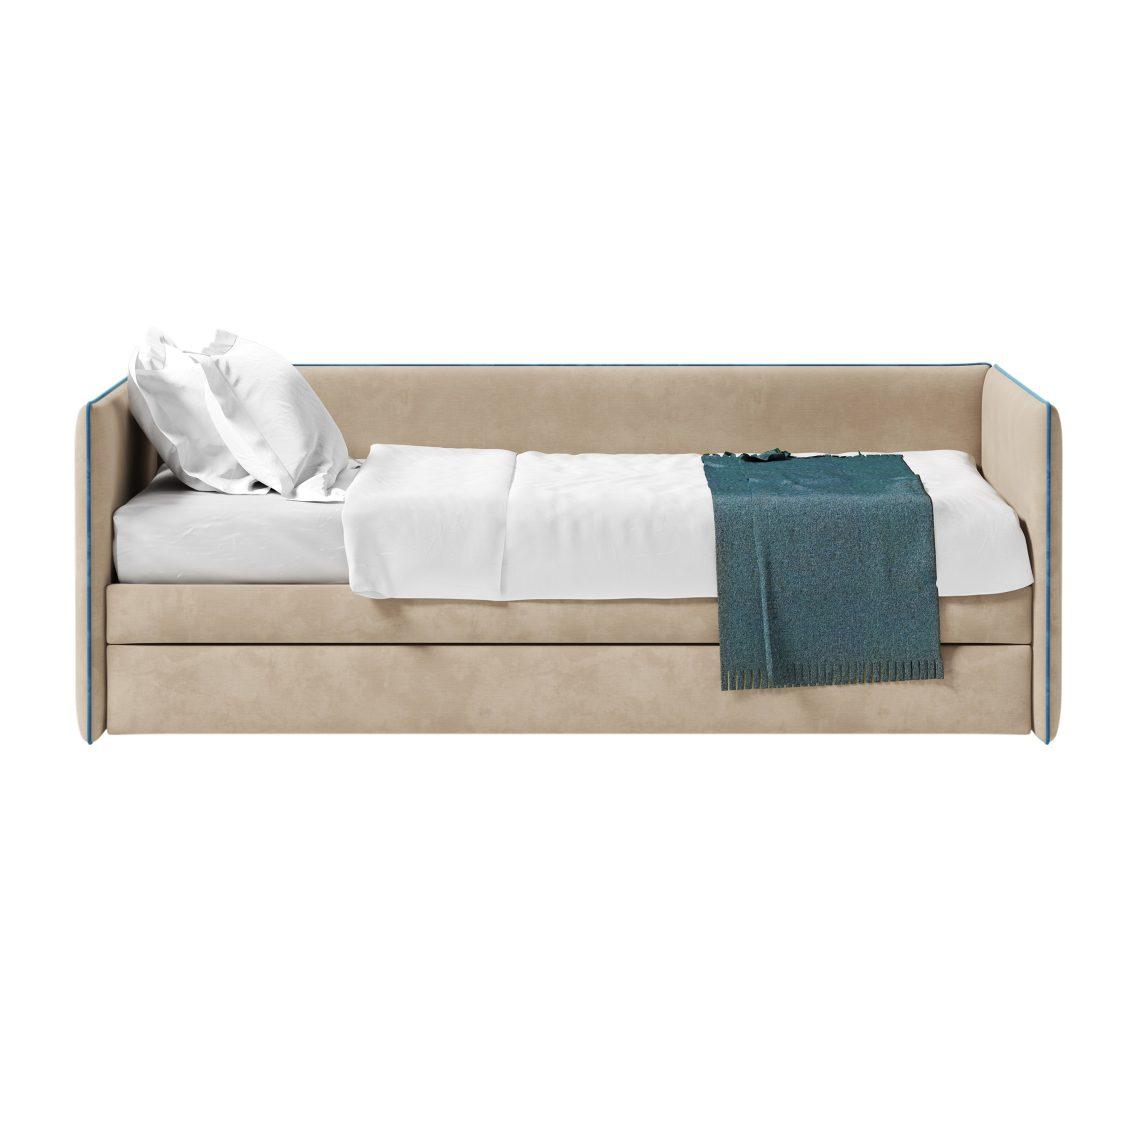 Детская кроватка-диванчик Берт с мягкими бортами